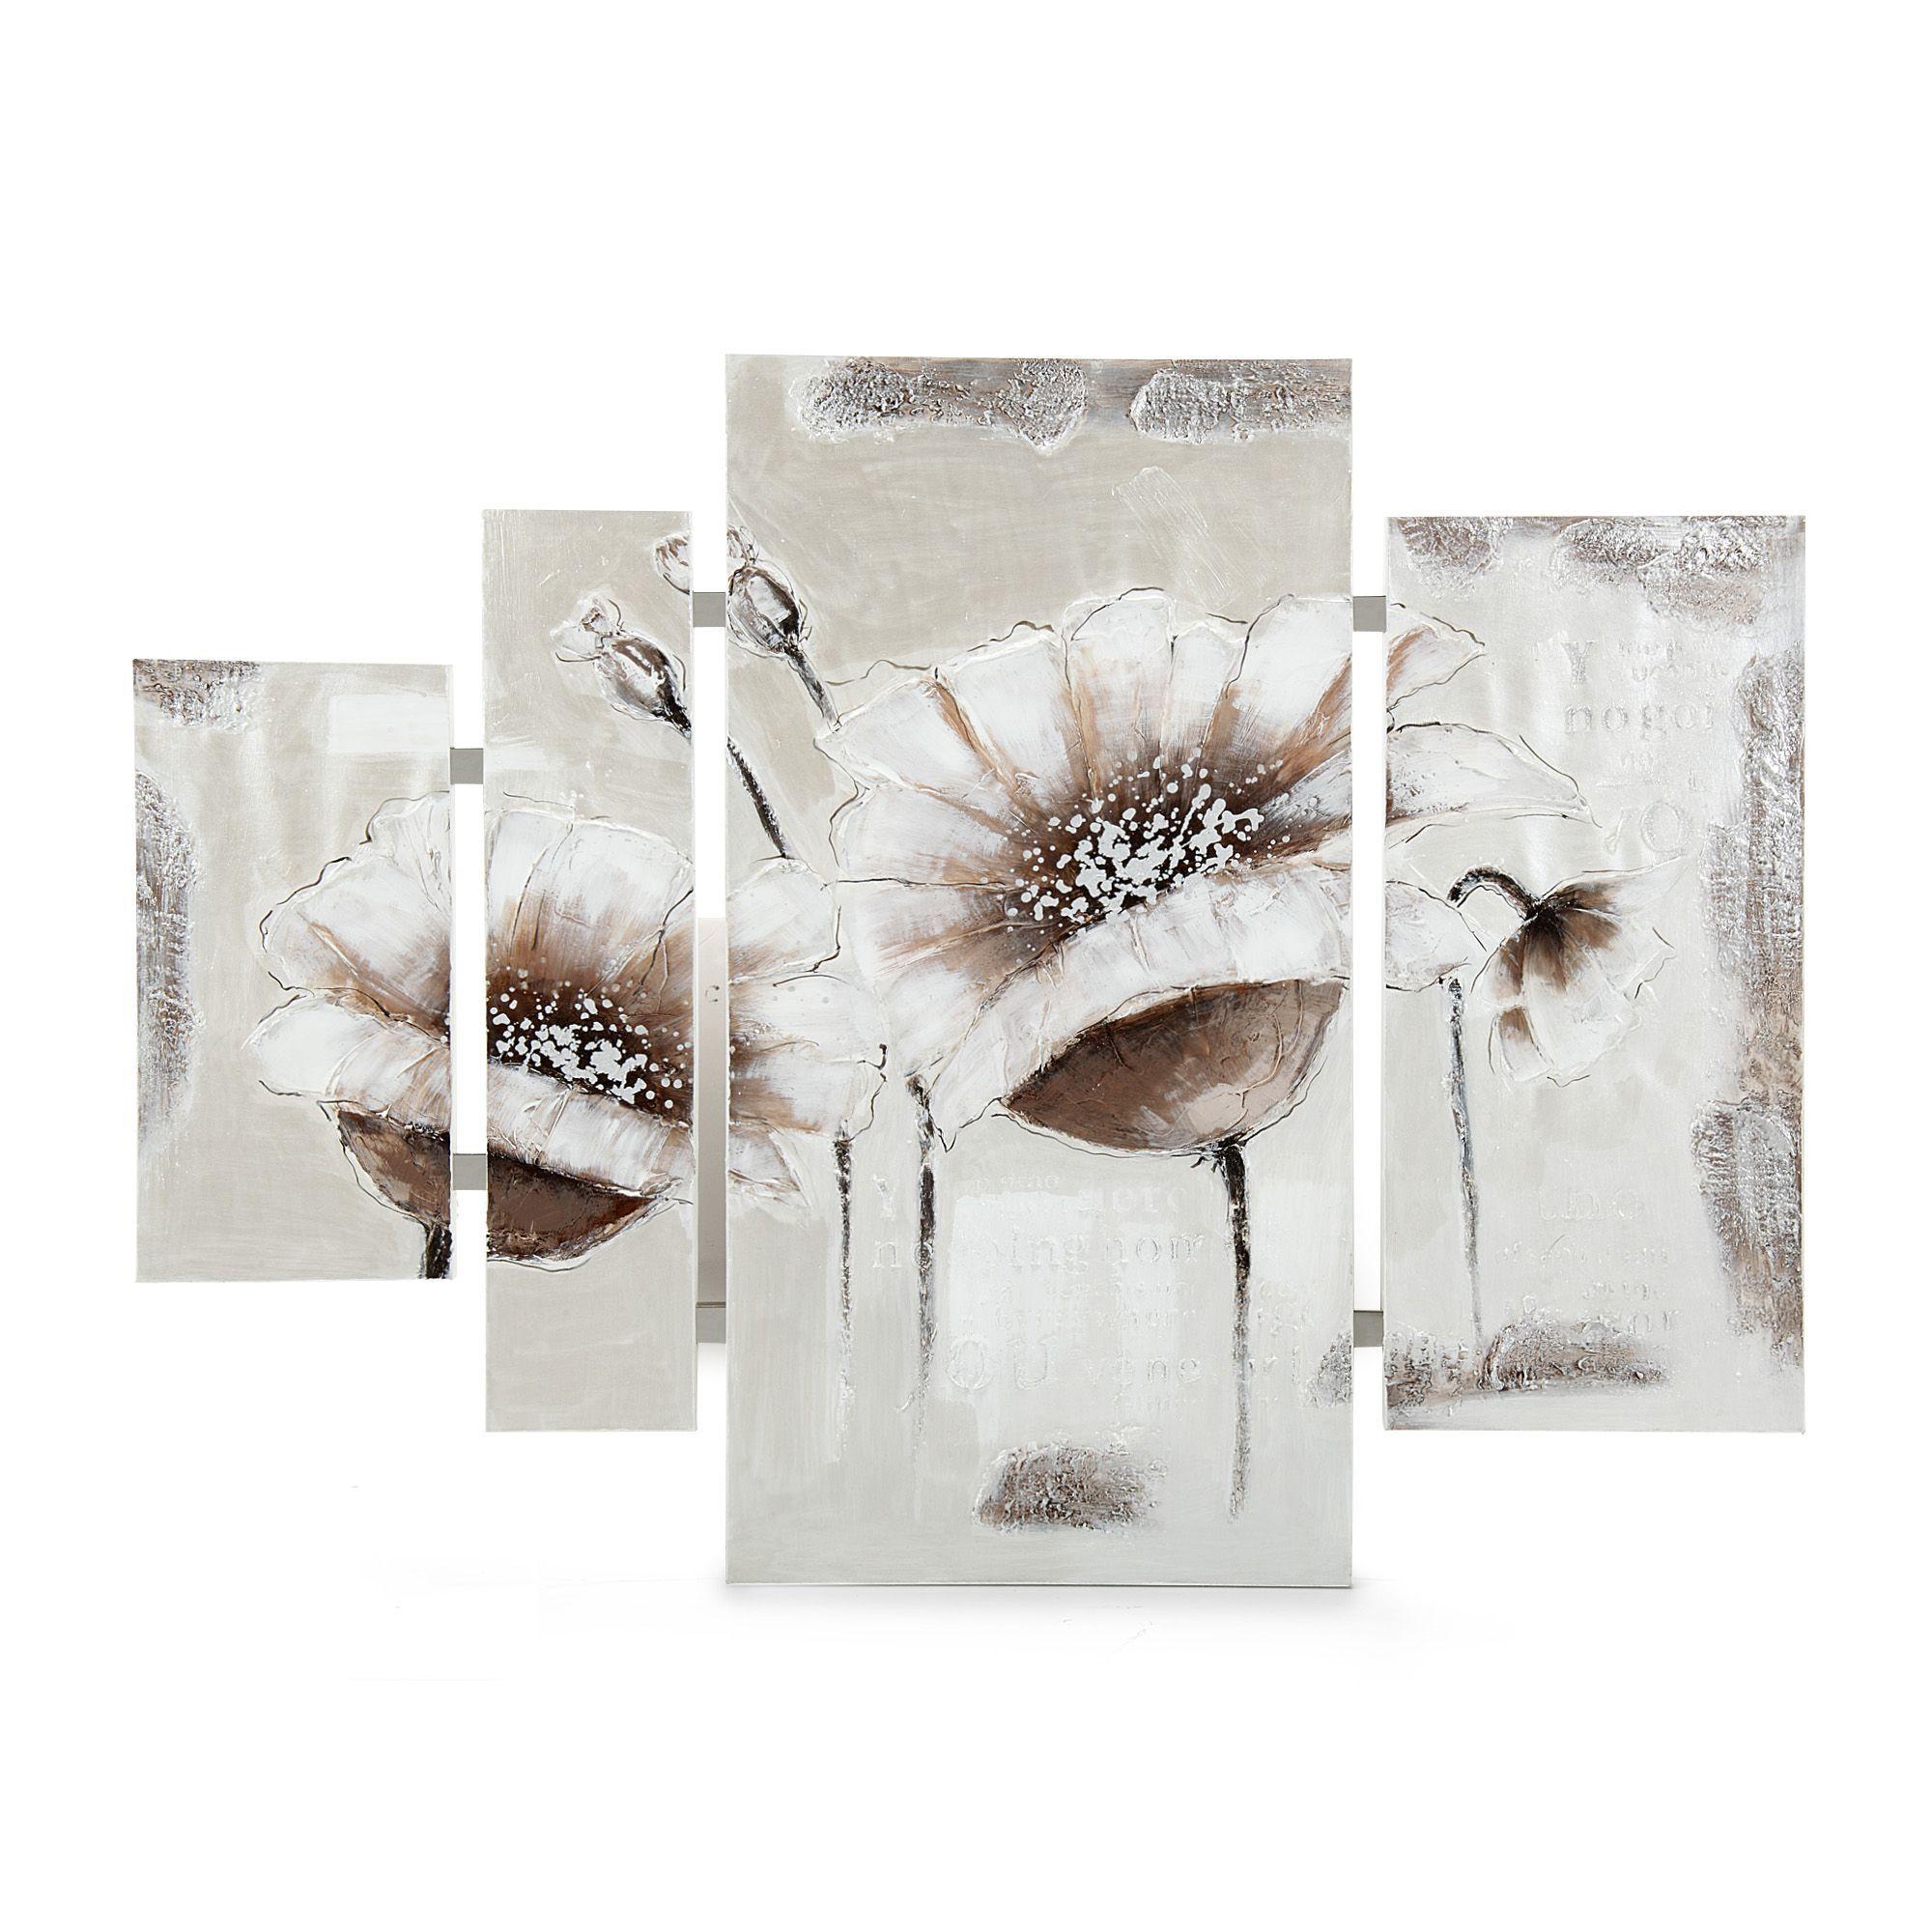 ensemble de 4 peintures sur toile blanc malice toiles d coratives affiches et d co murale. Black Bedroom Furniture Sets. Home Design Ideas